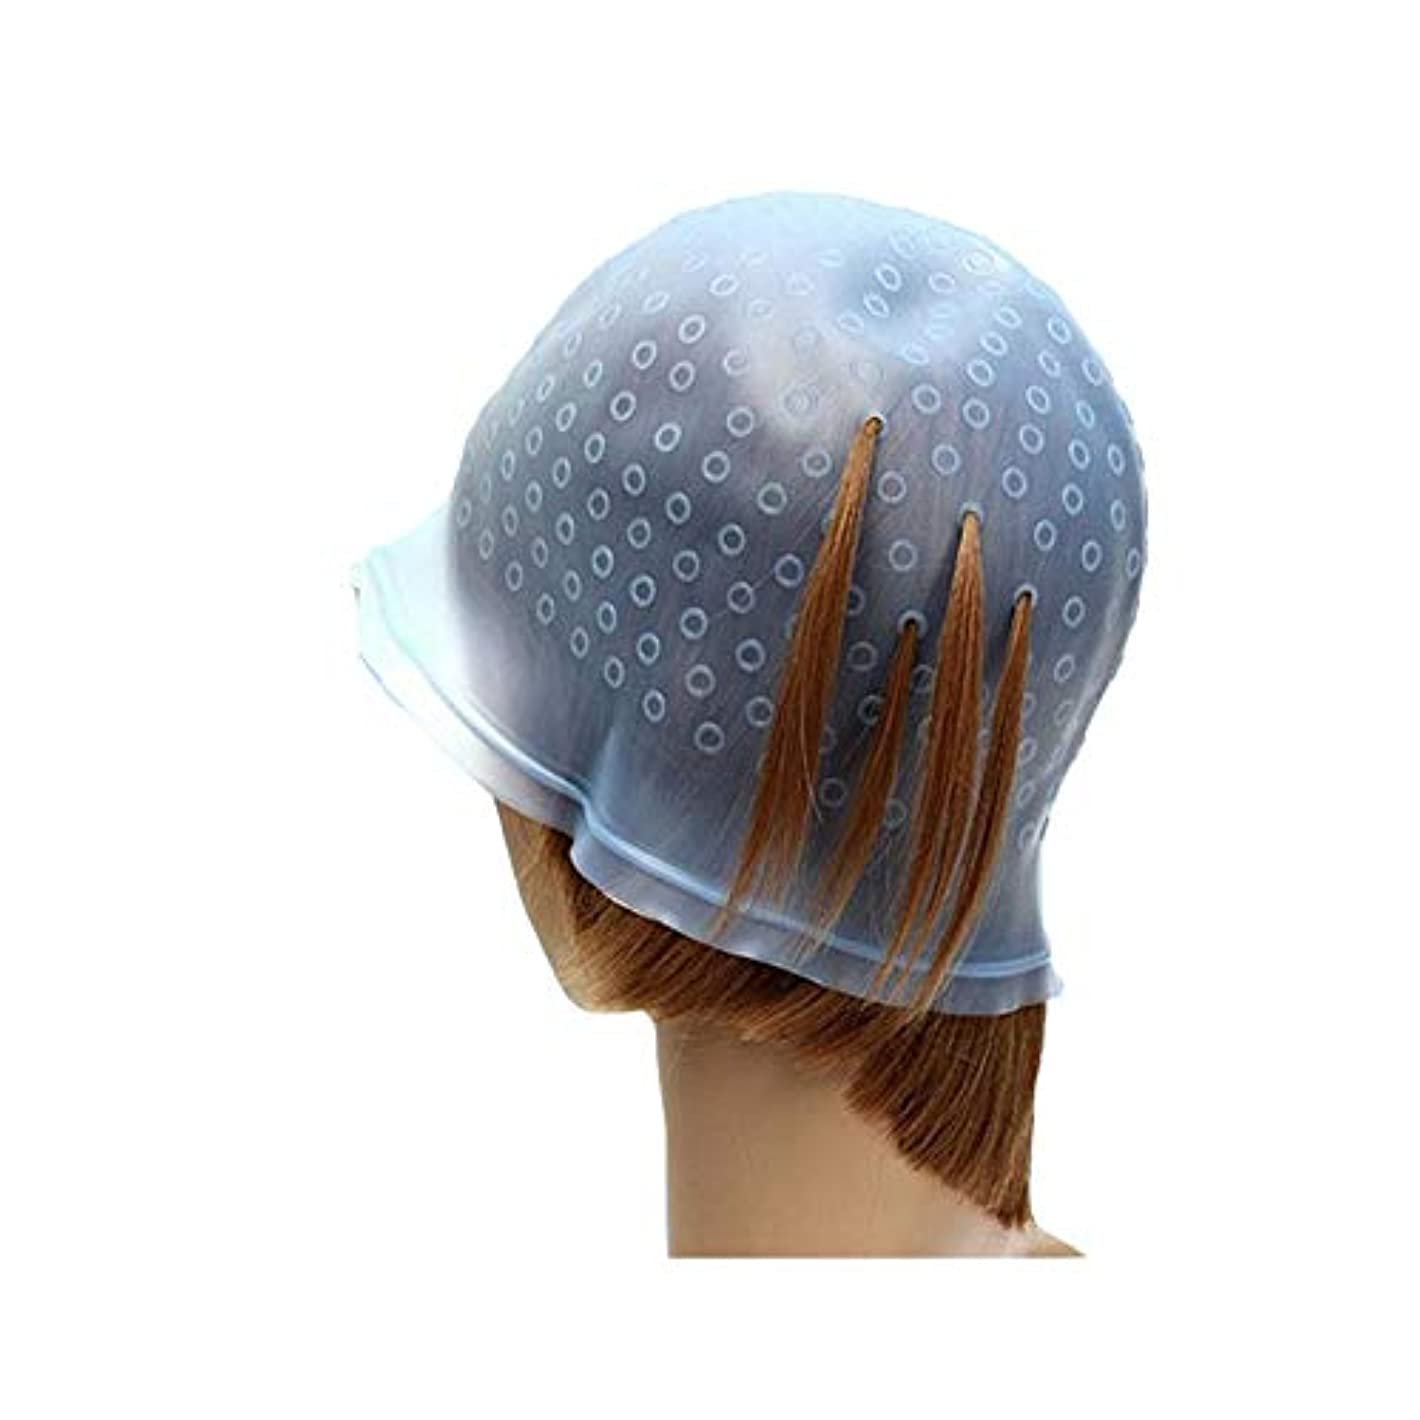 劣る噴出するフライトカラーリング メッシュ用 シリコンキャップ セルフカラー 髪の毛 穴あけ用のかぎ針付き 髪 レディース メンズ